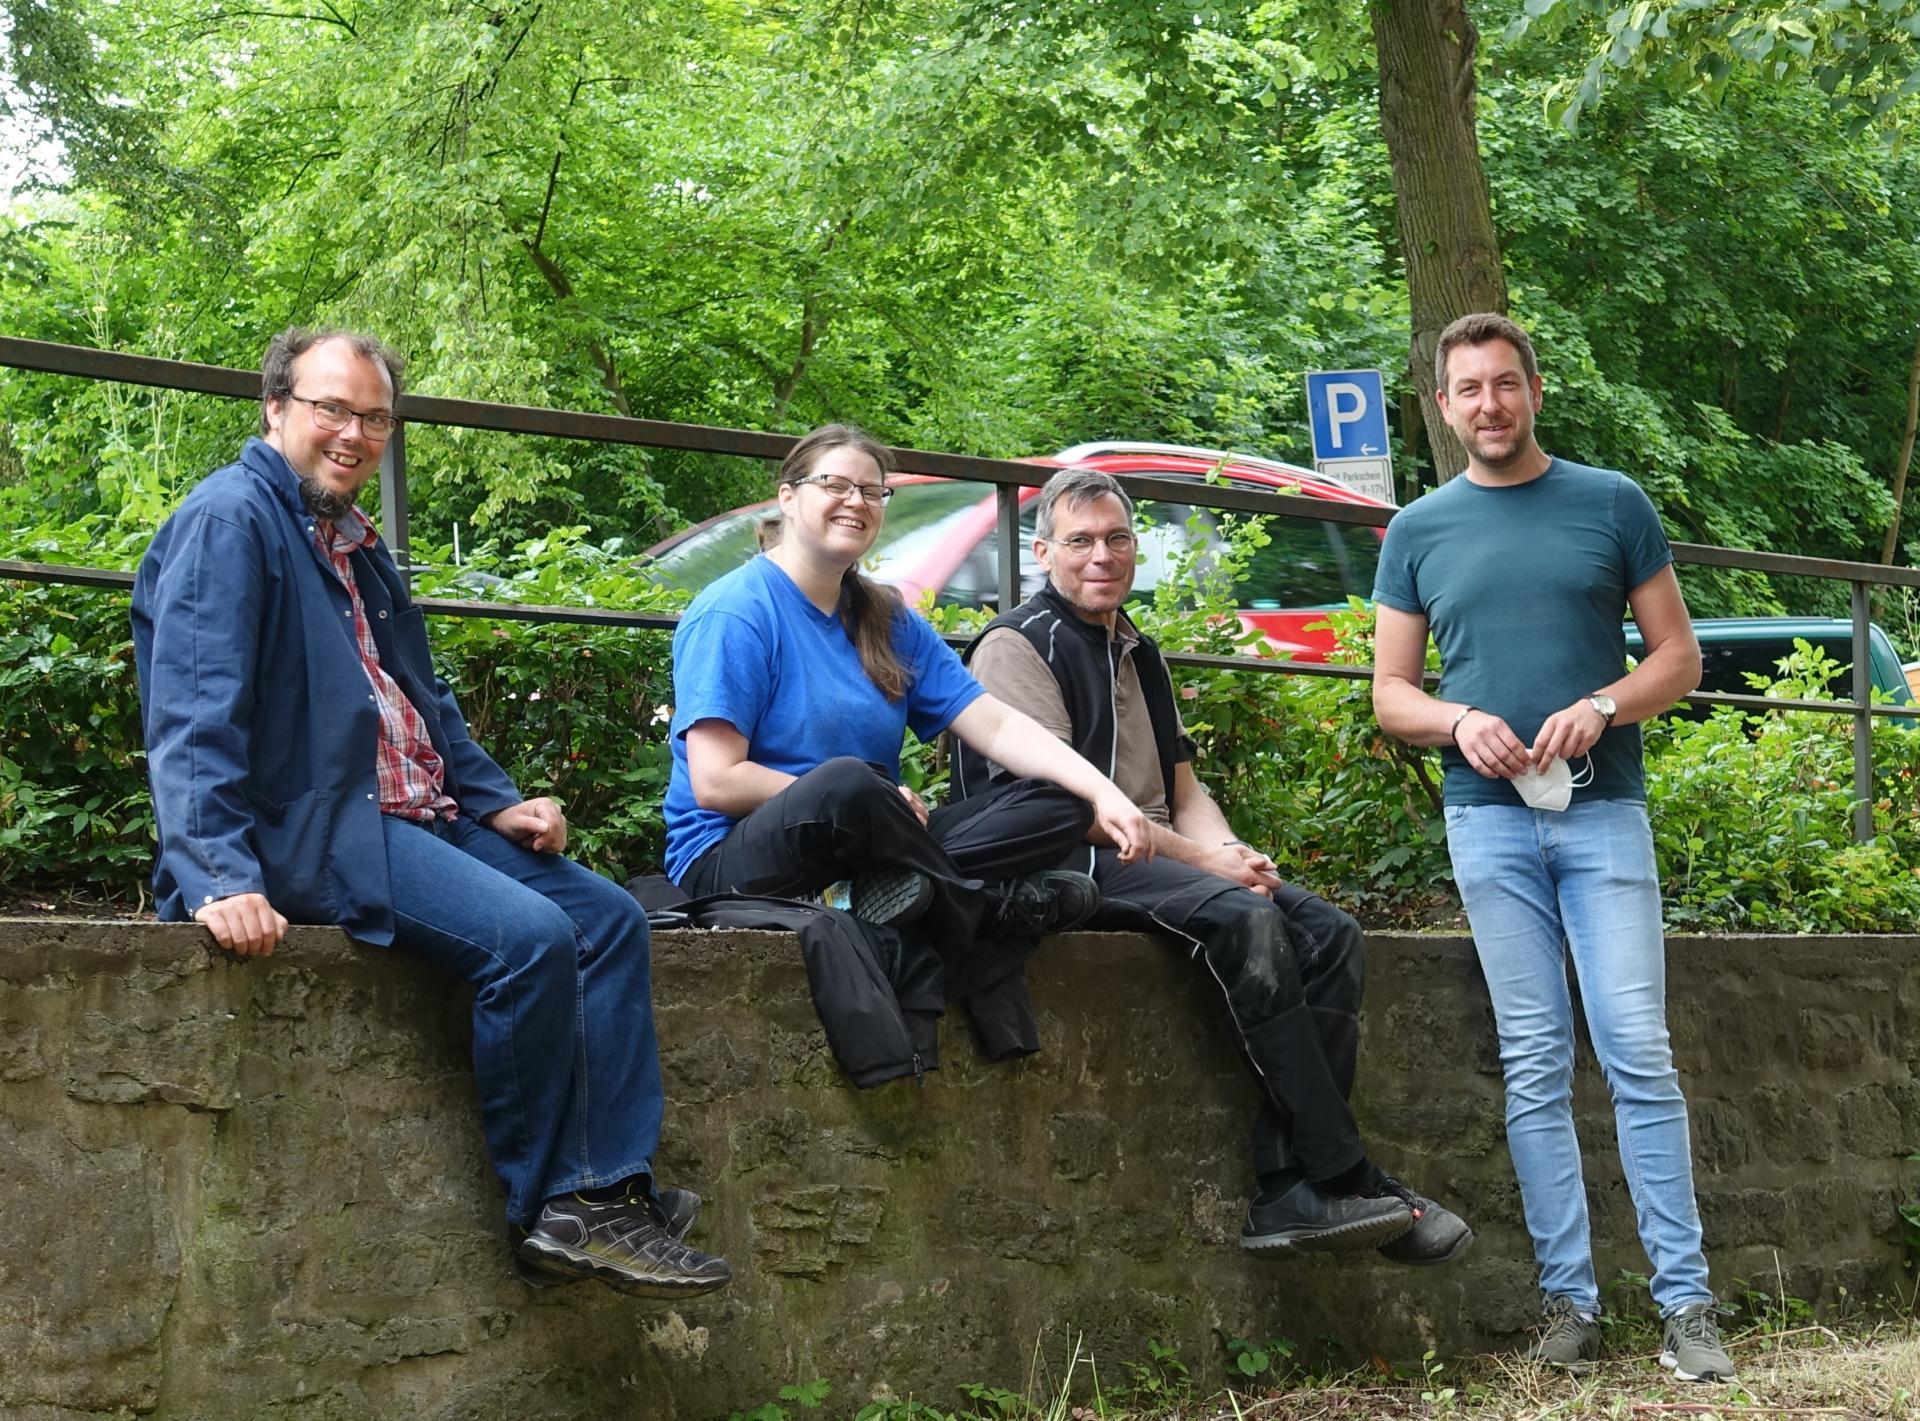 Mitarbeiterin und Mitarbeiter der Orgelbauerfirma mit Benjamin Dippel während sonniger Frühstückspause